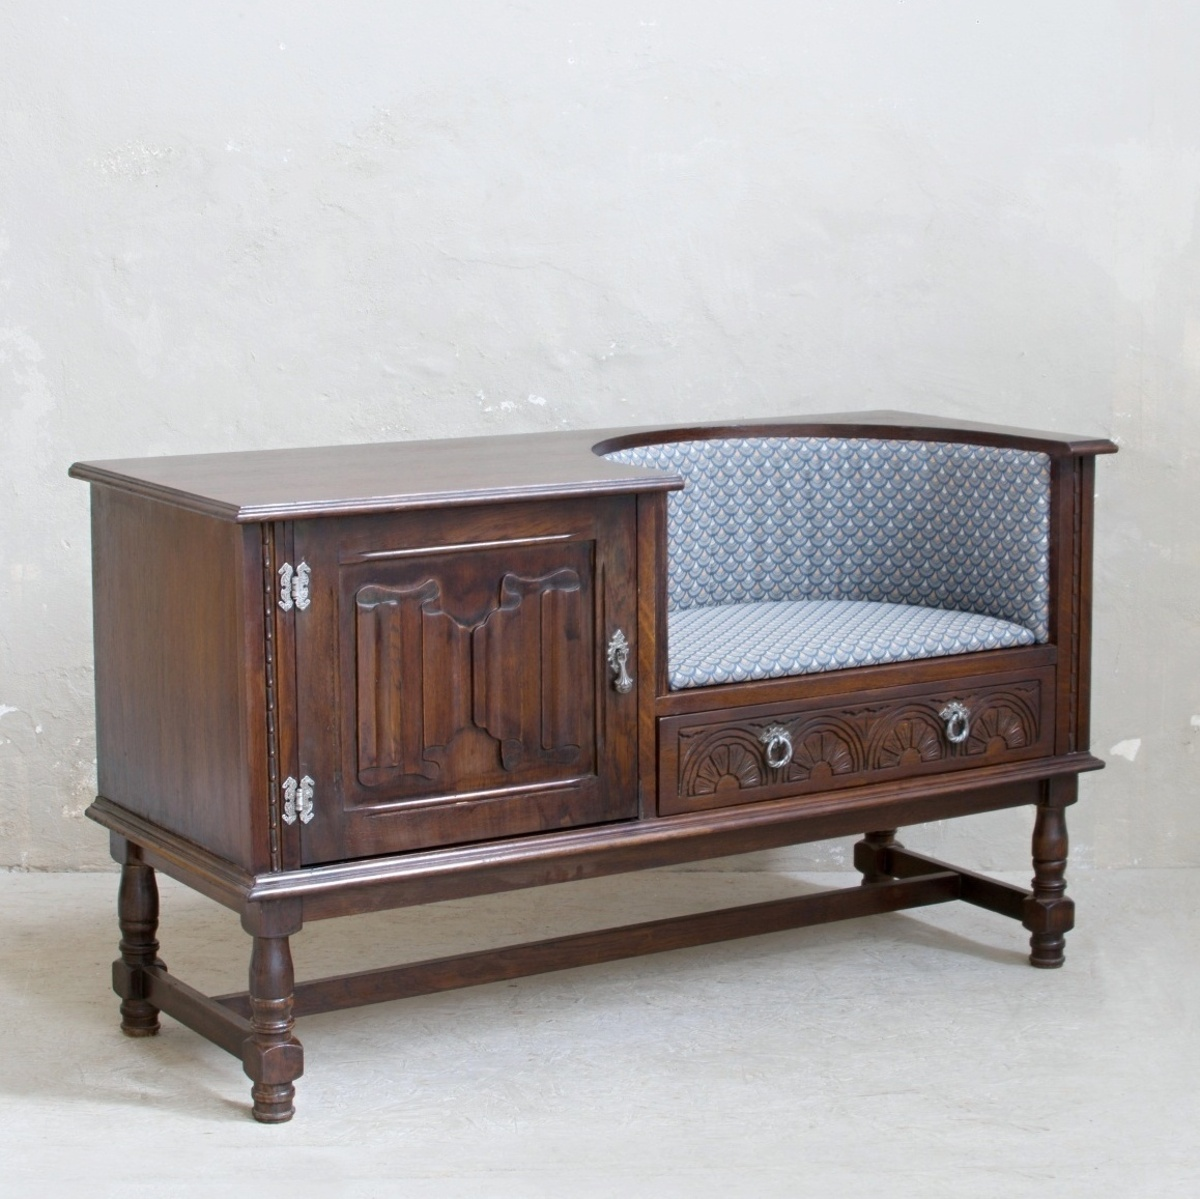 Prodej zrenovovaného nábytku Praha anglický botník